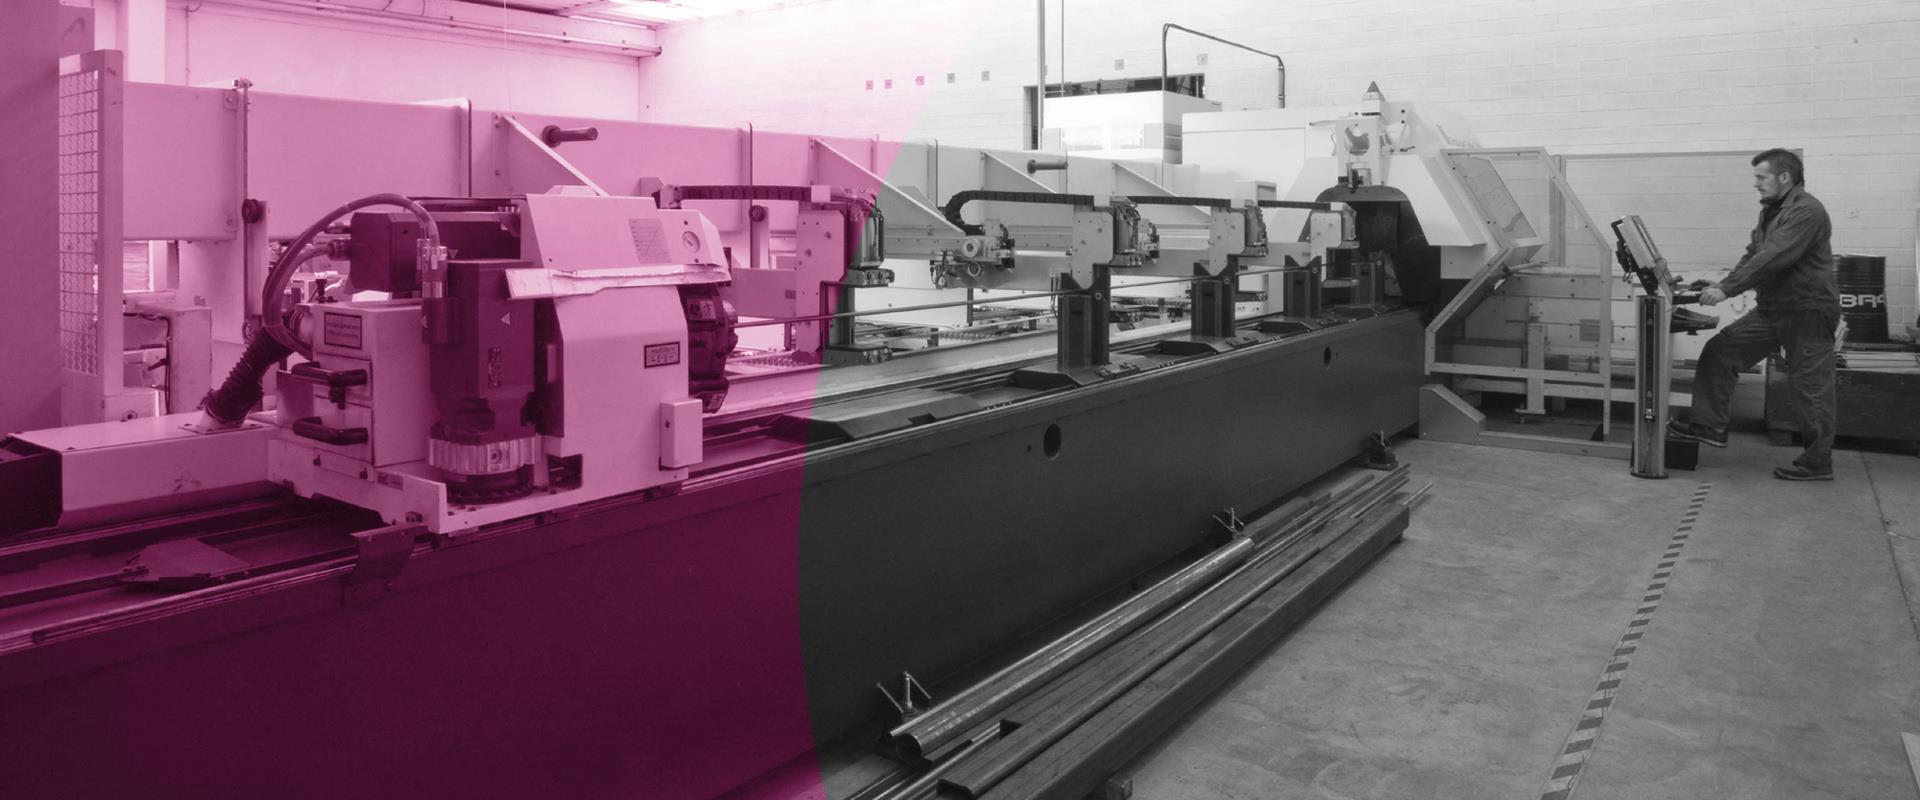 ilcap-lavorazione-taglio-laser-tubo-metallo